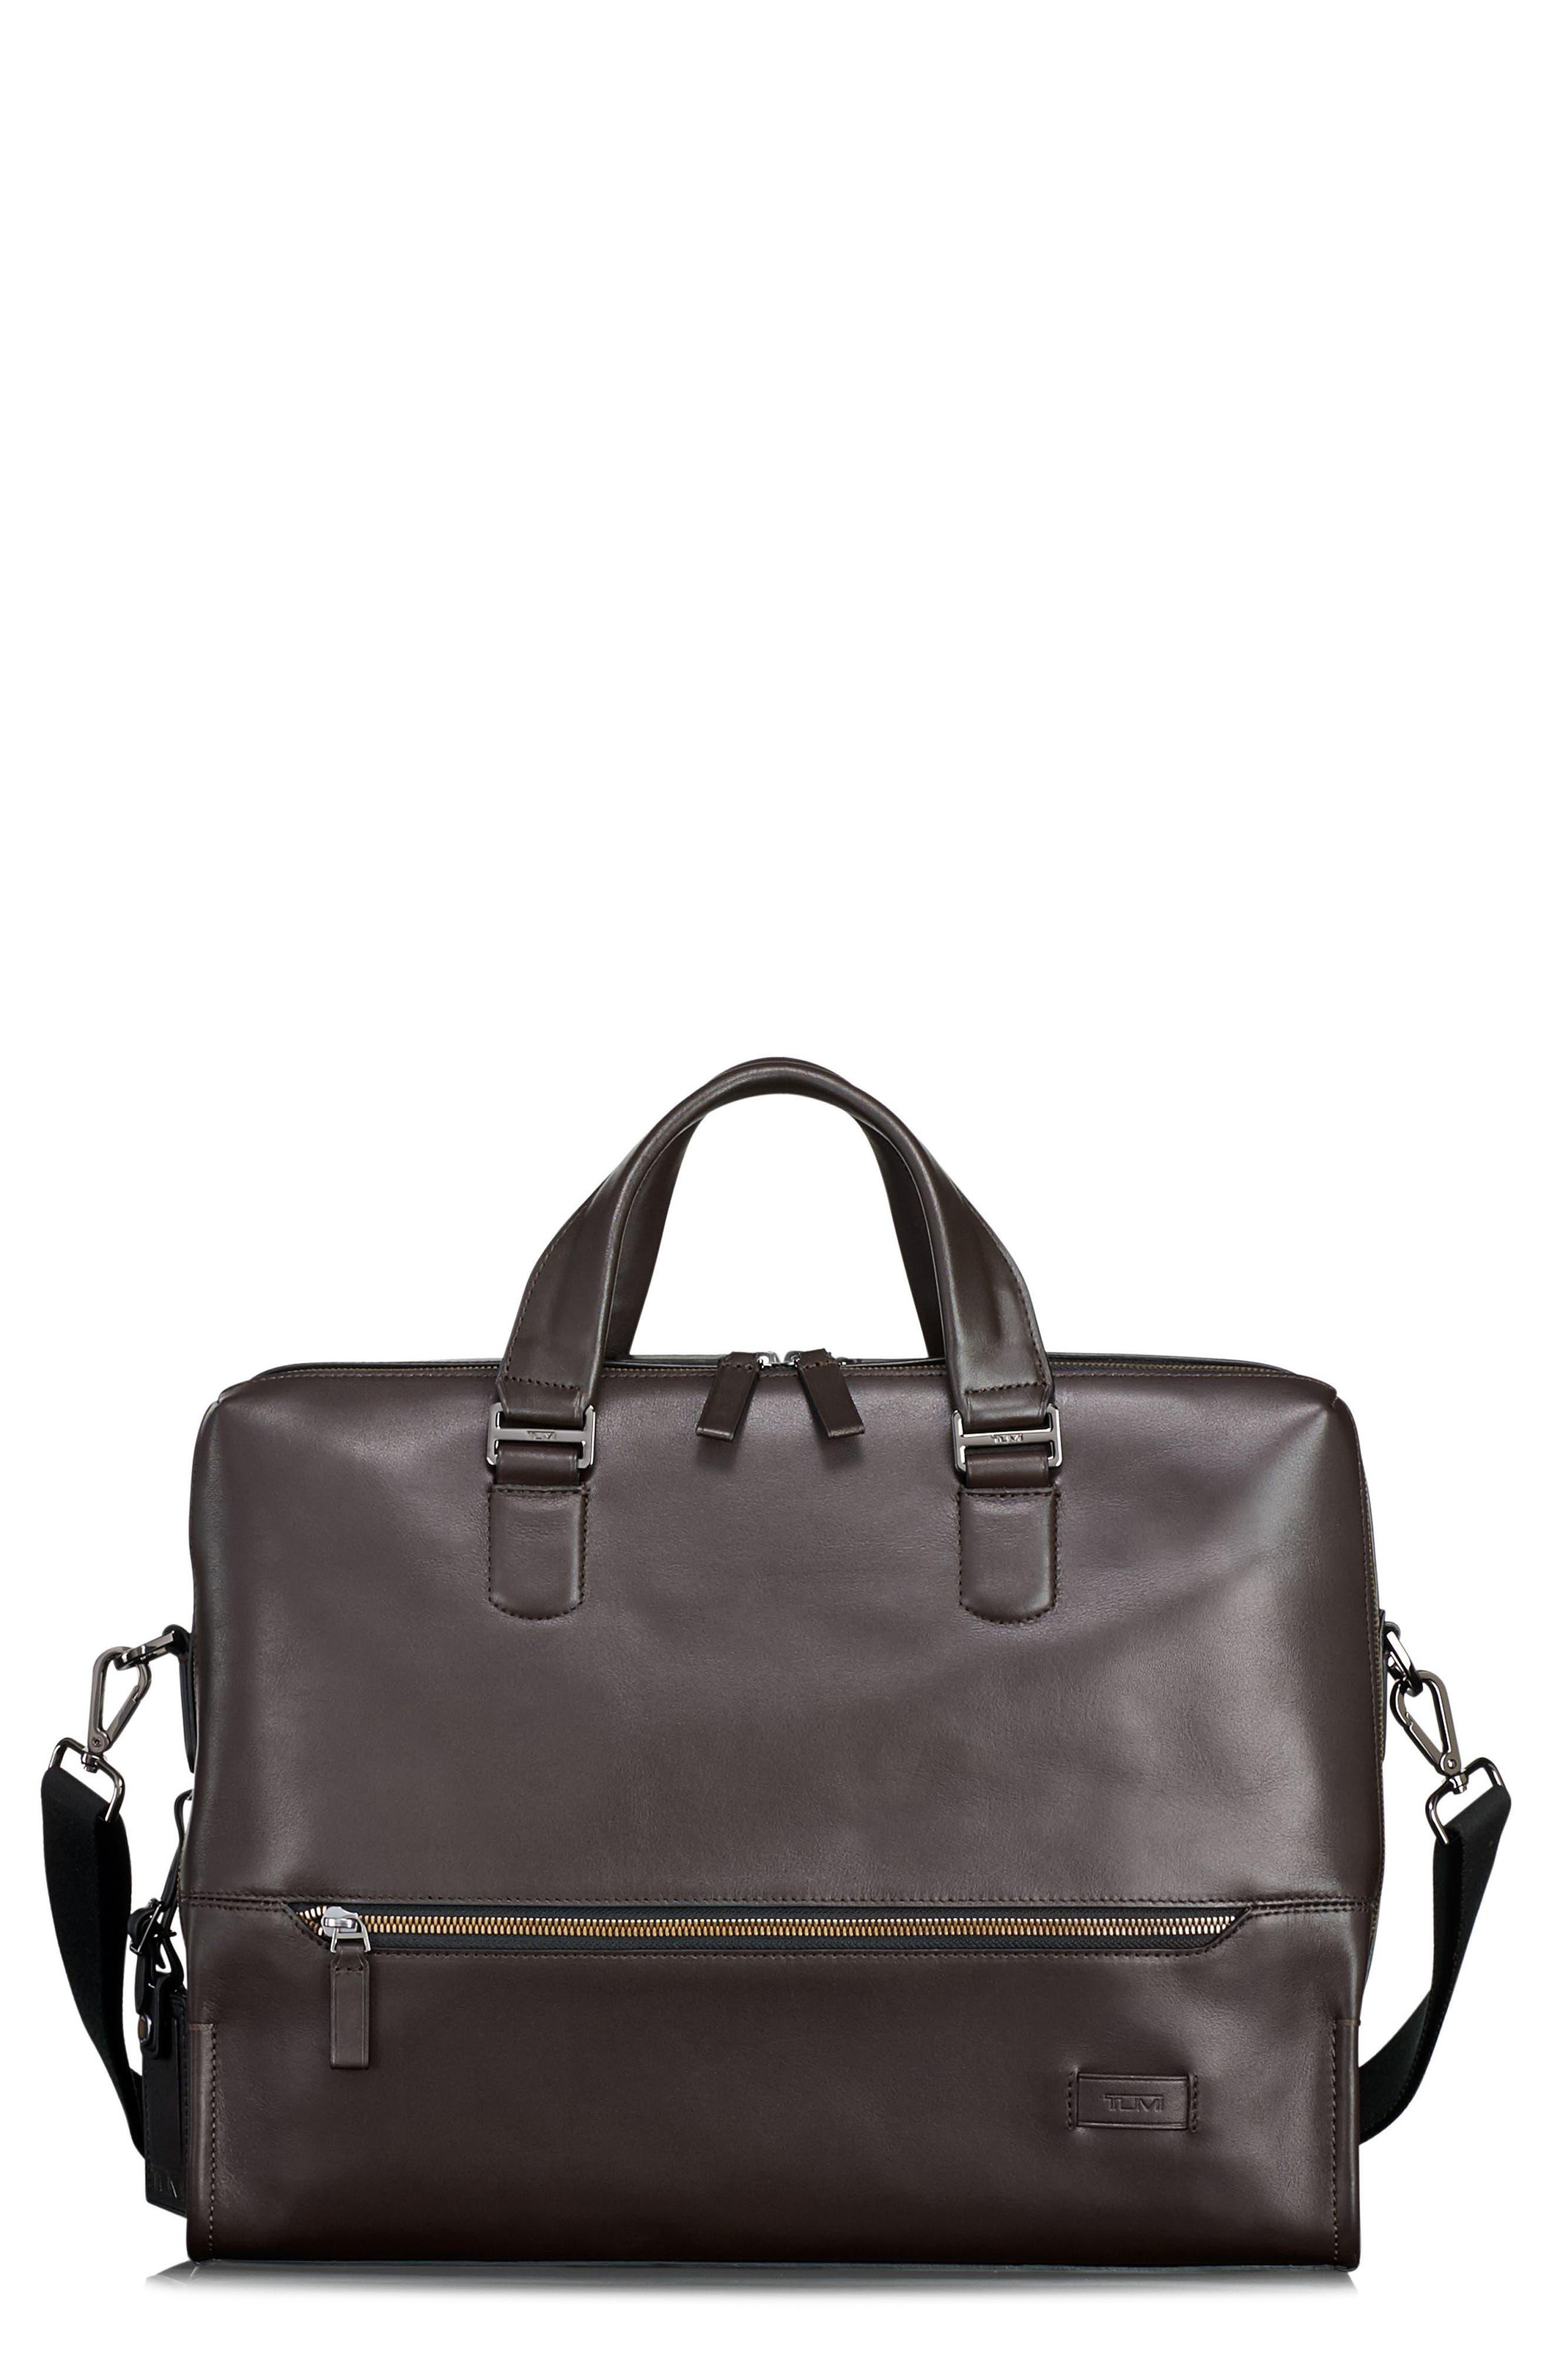 Harrison Horton Double Zip Leather Briefcase,                             Main thumbnail 1, color,                             Brown